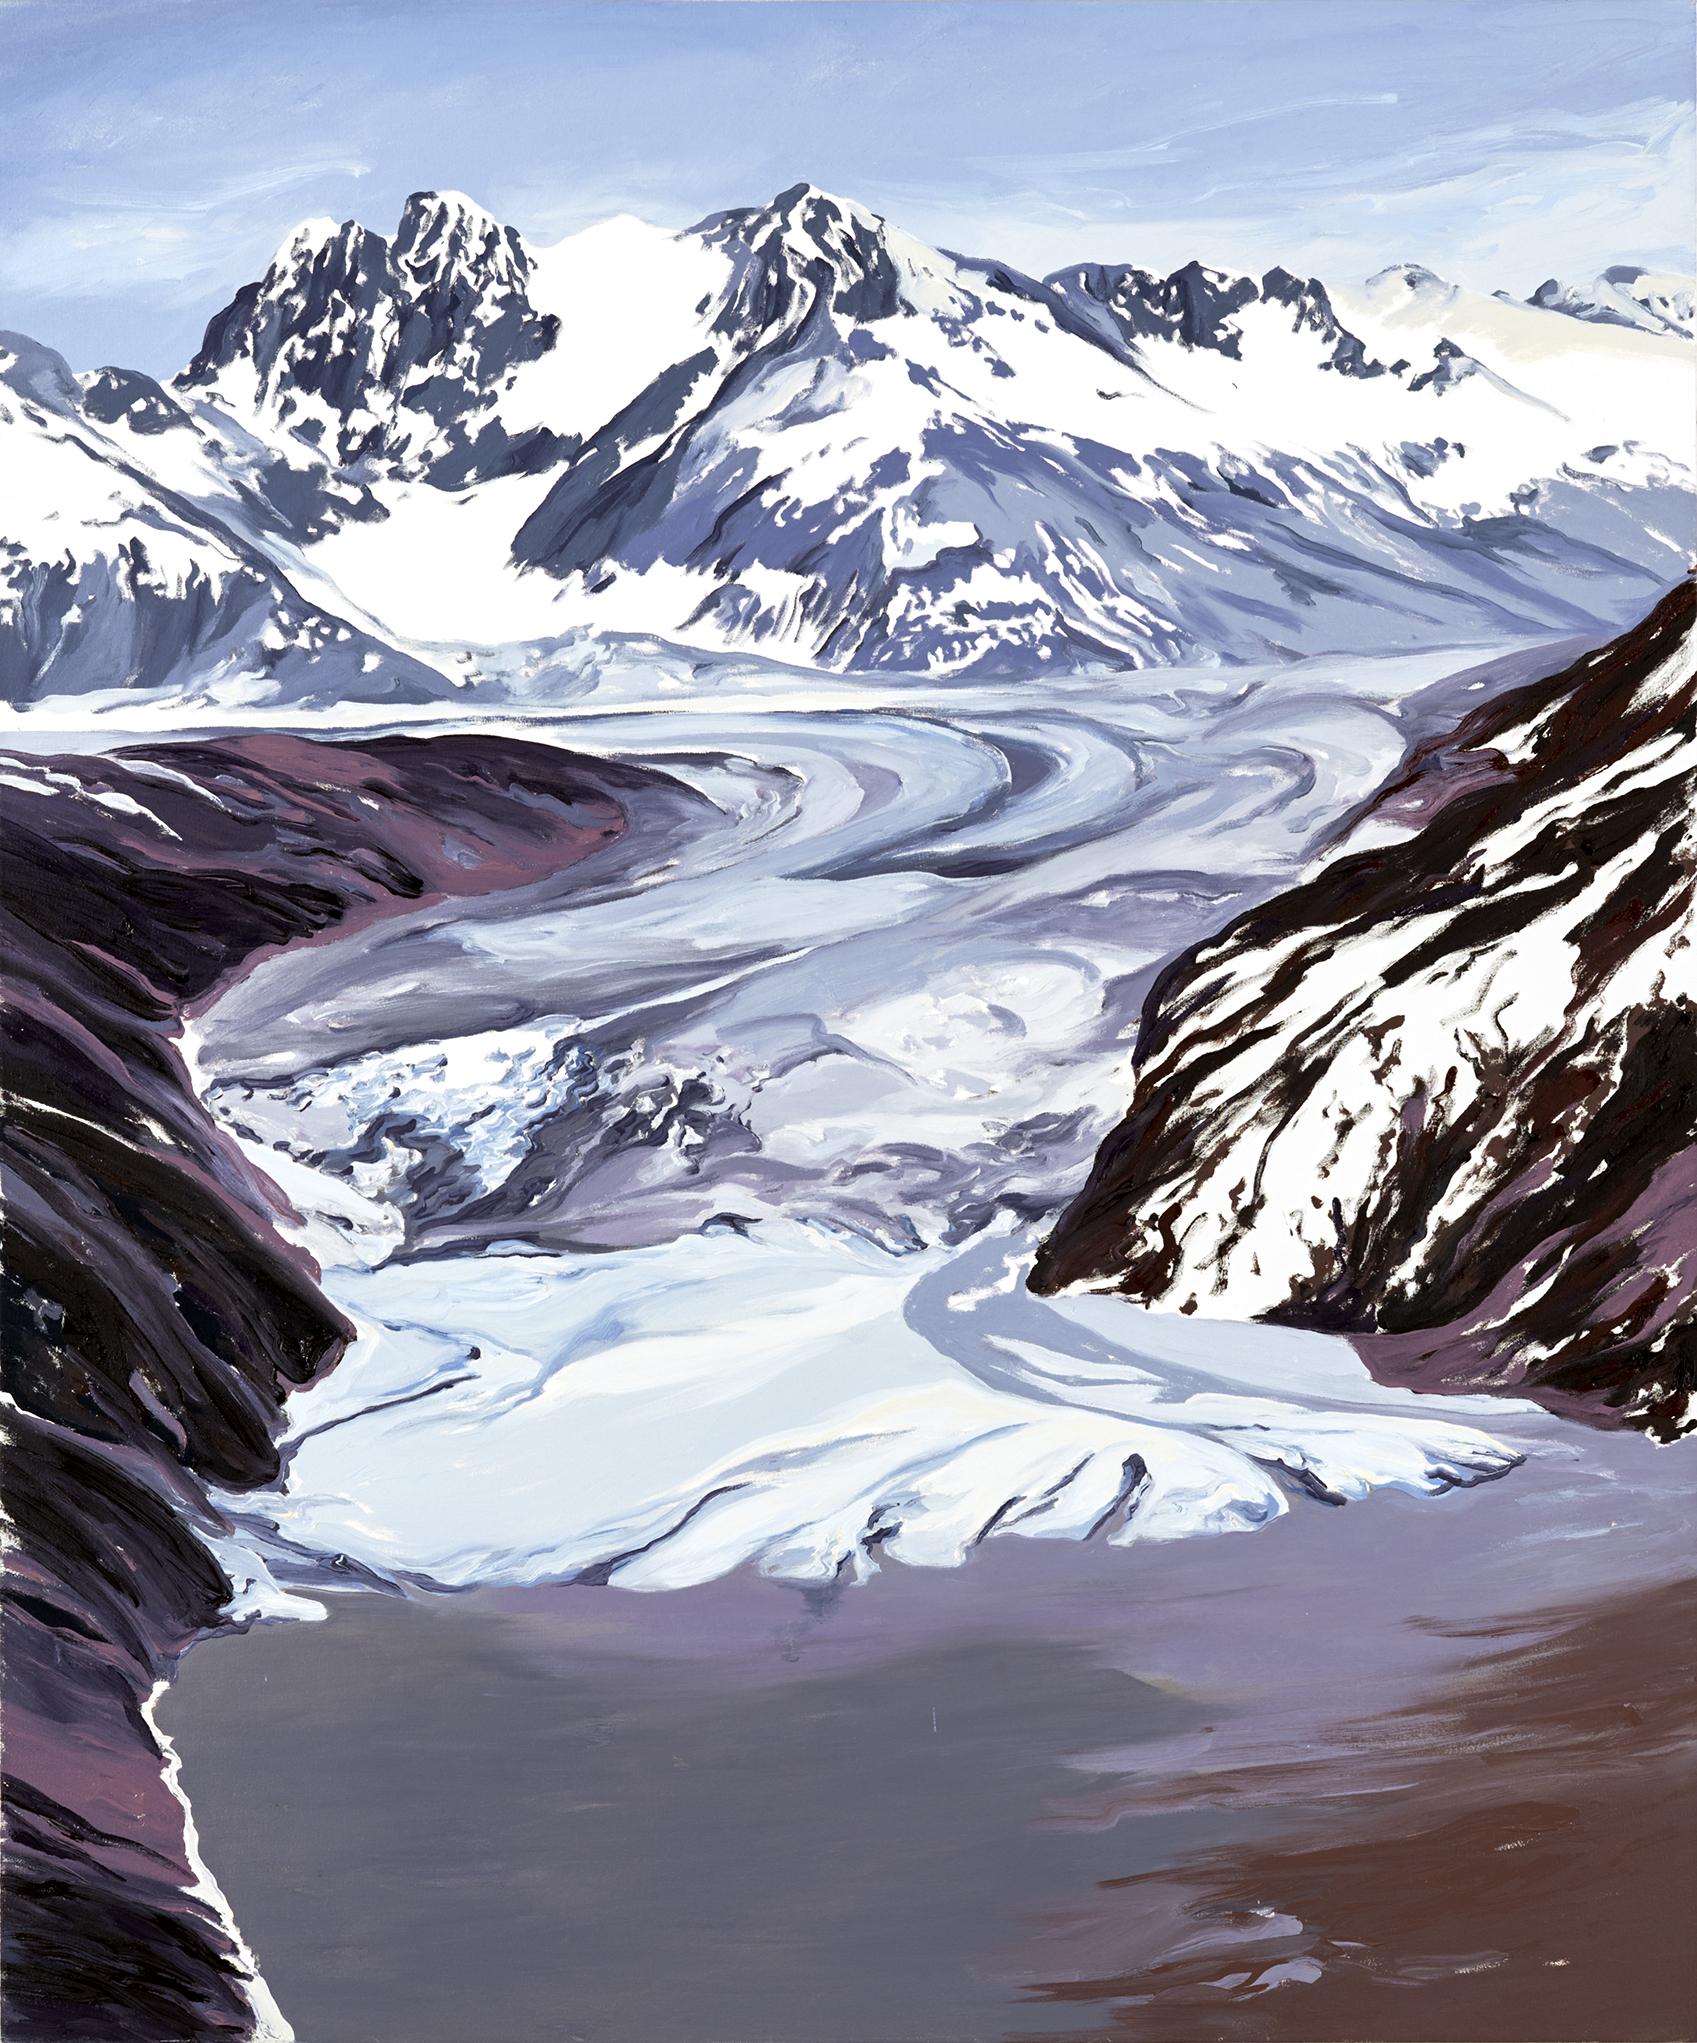 Nunatak Glacier 2005, after David Arnold